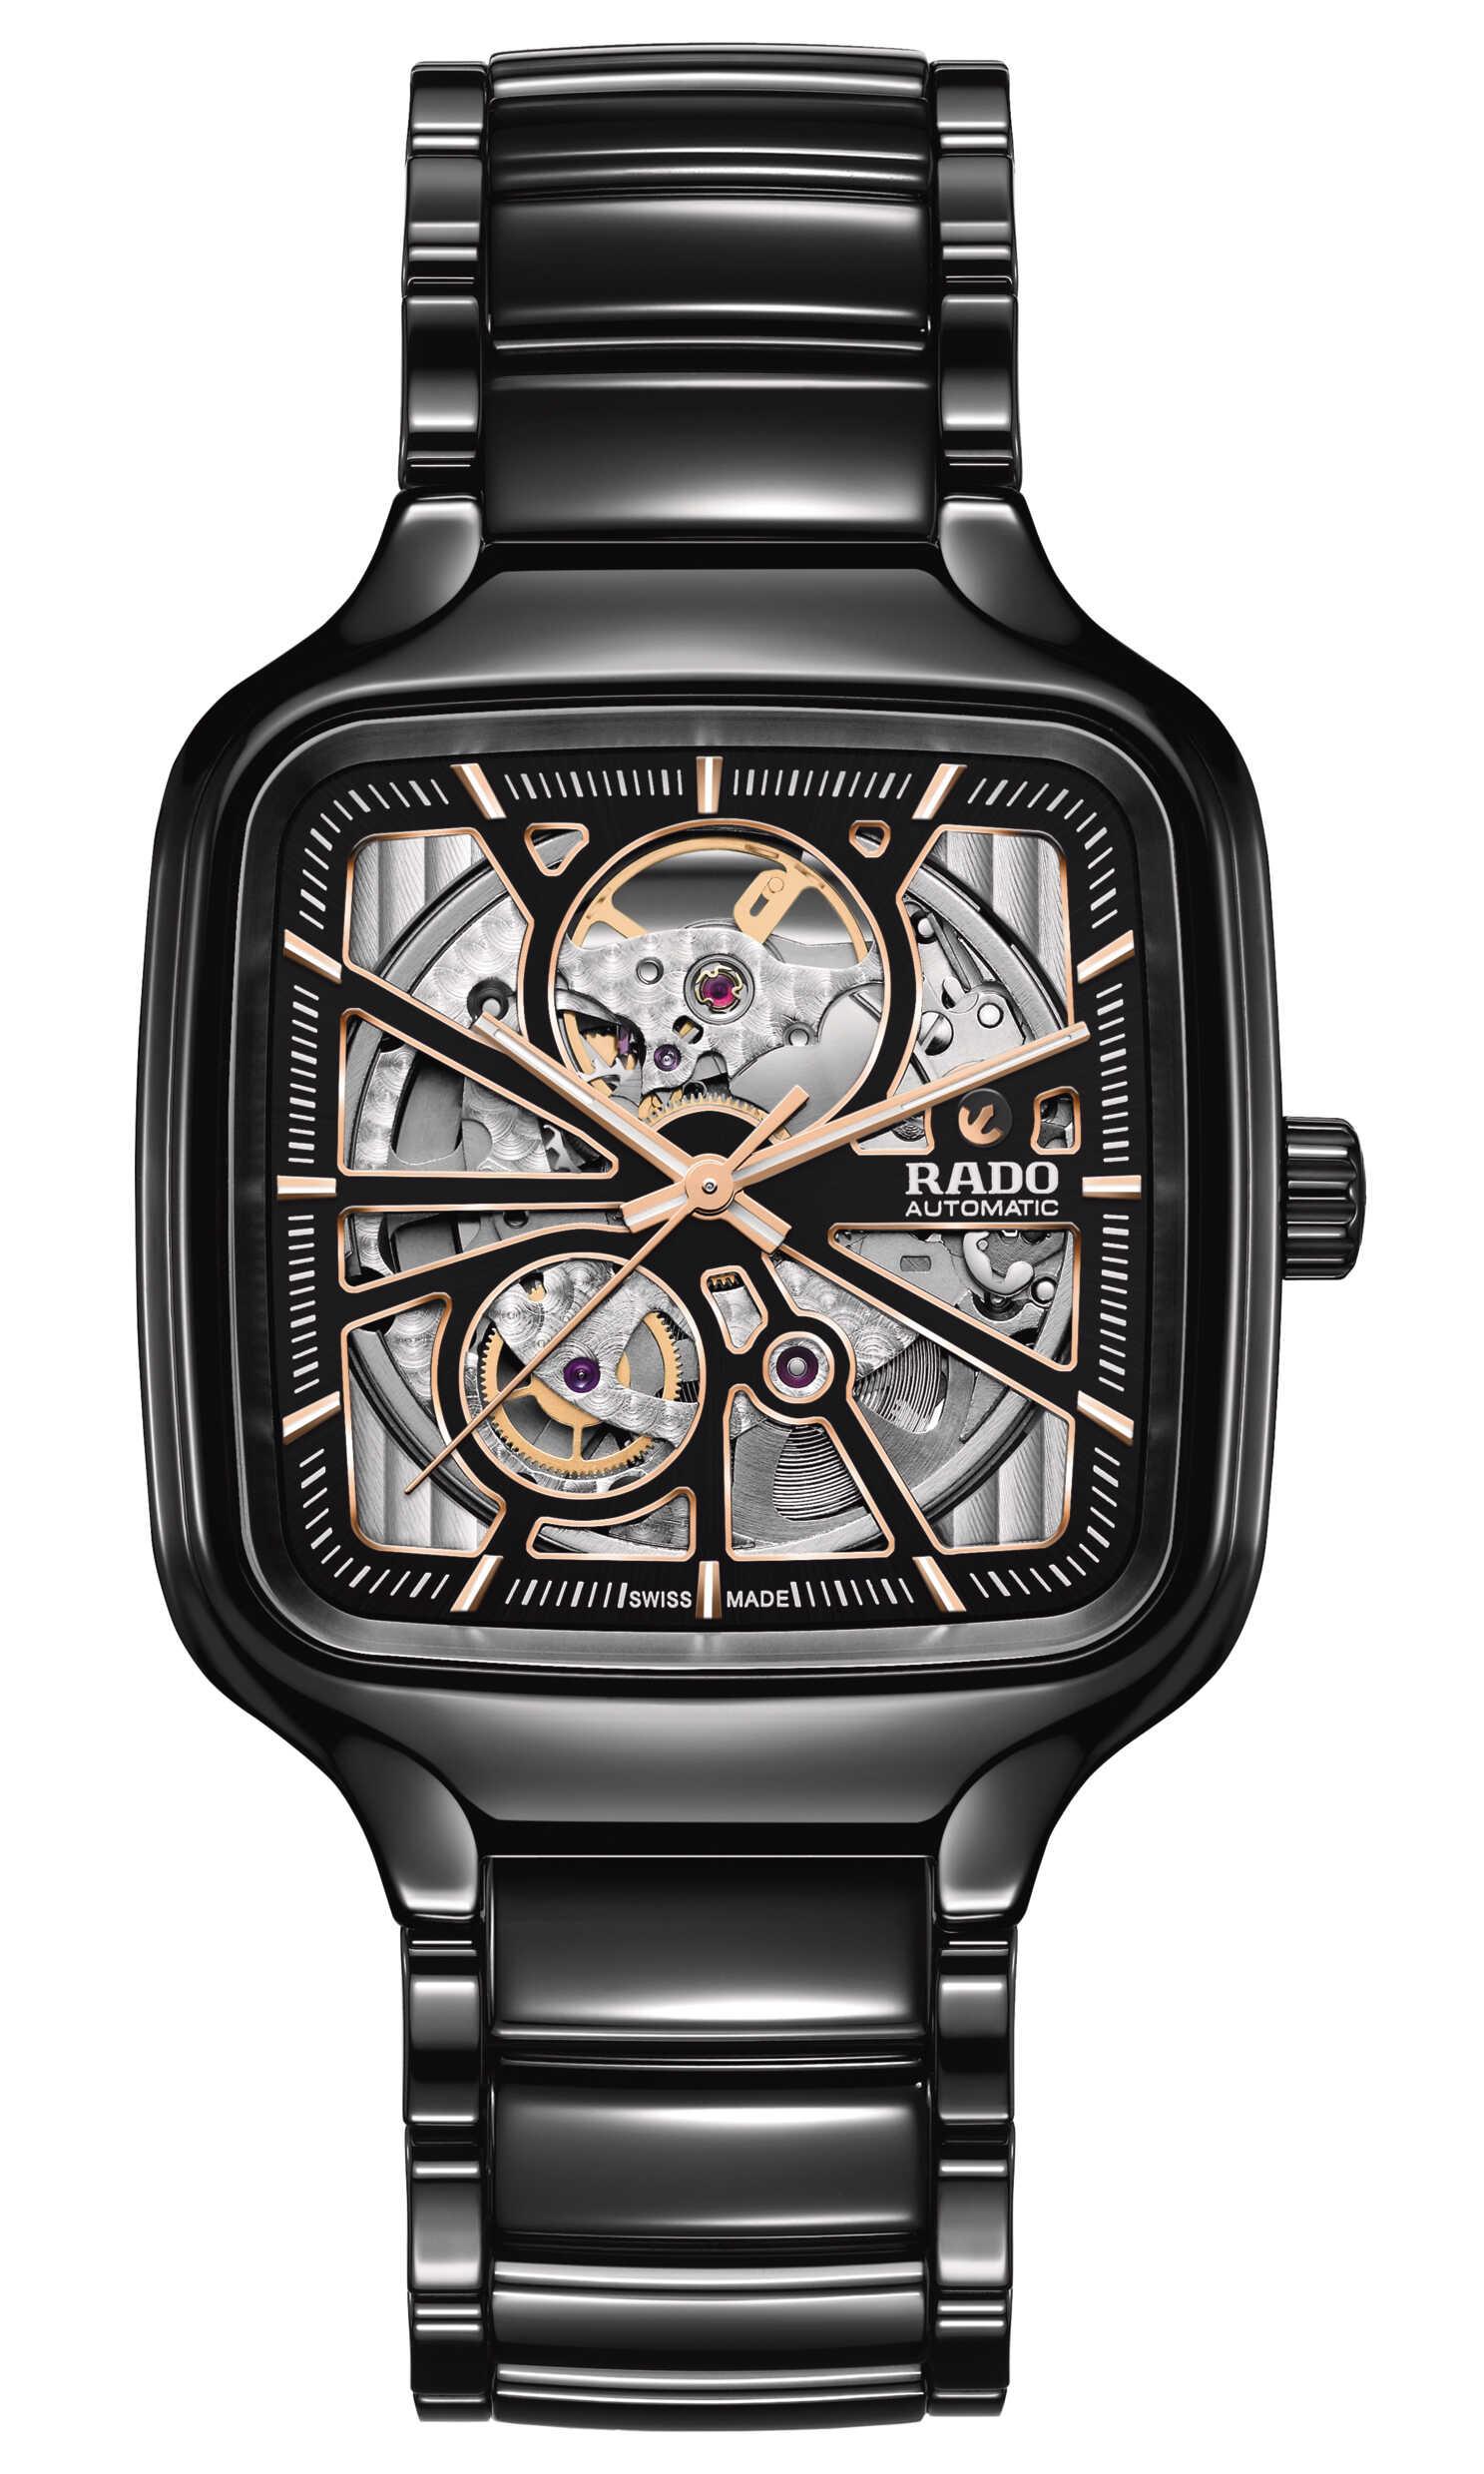 倾听芯之声 Rado瑞士雷达表True真系列真我开芯腕表